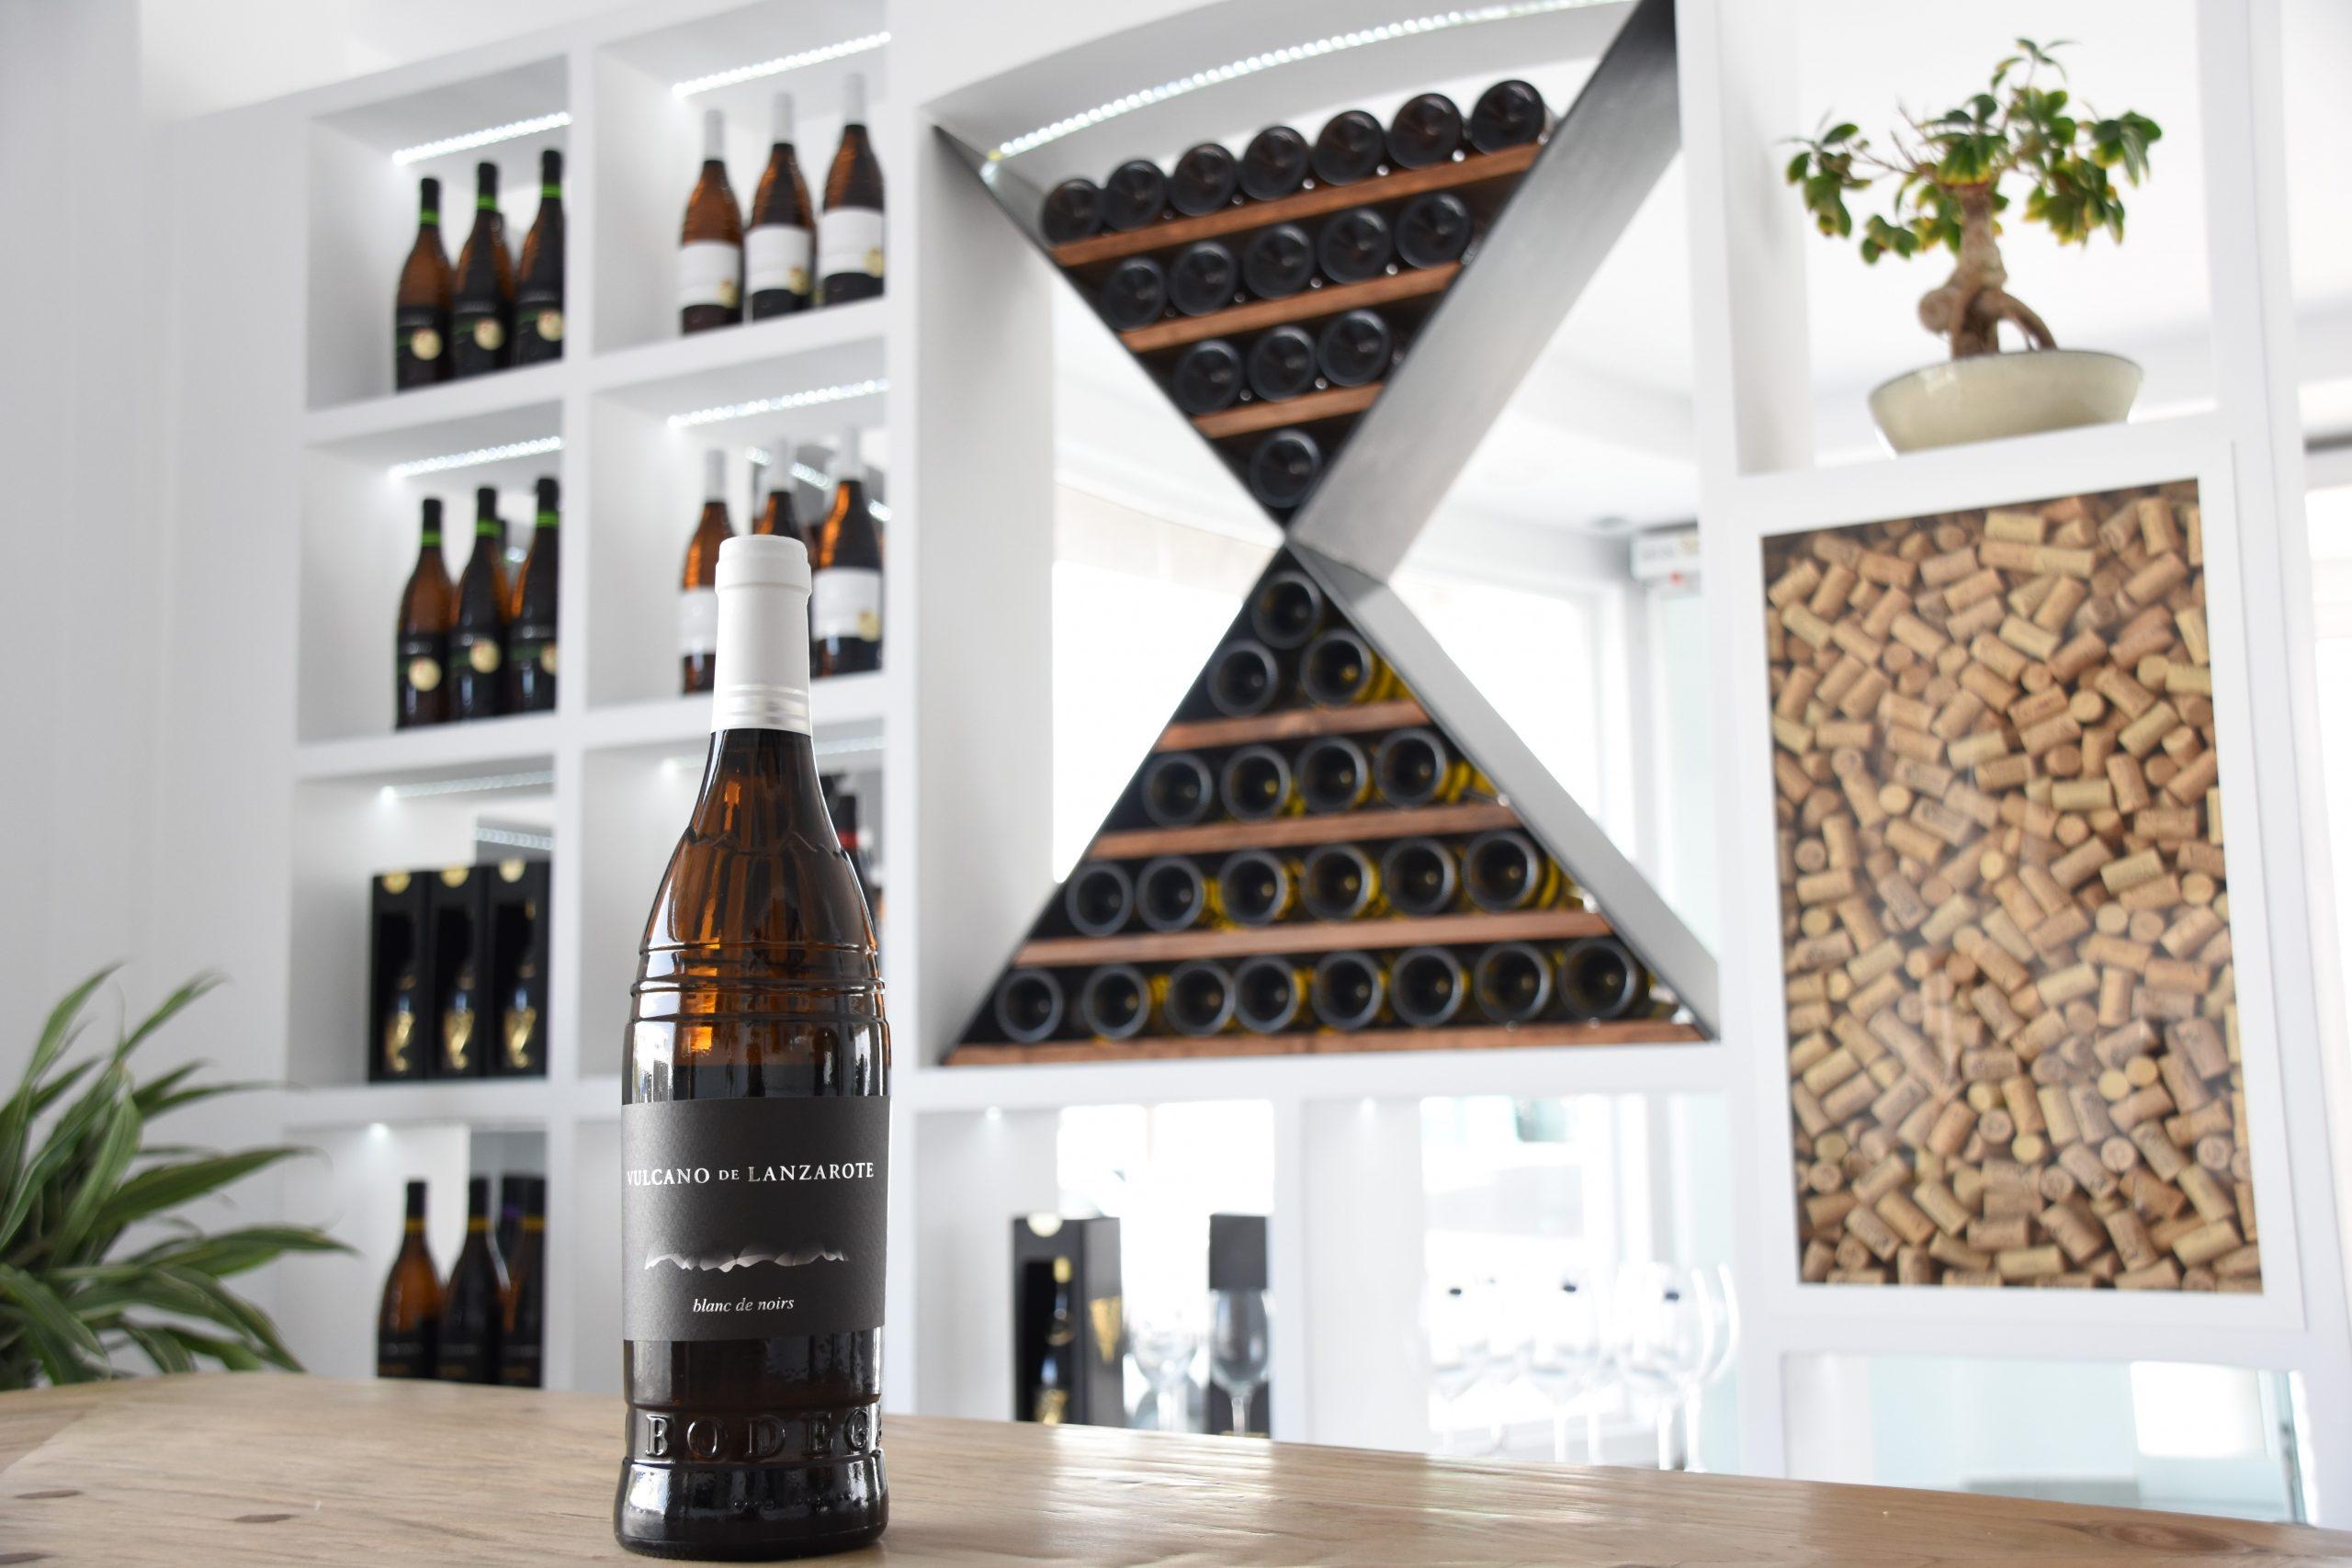 Bodega Vulcano de Lanzarote lanza su nuevo vino: Blanc de Noirs